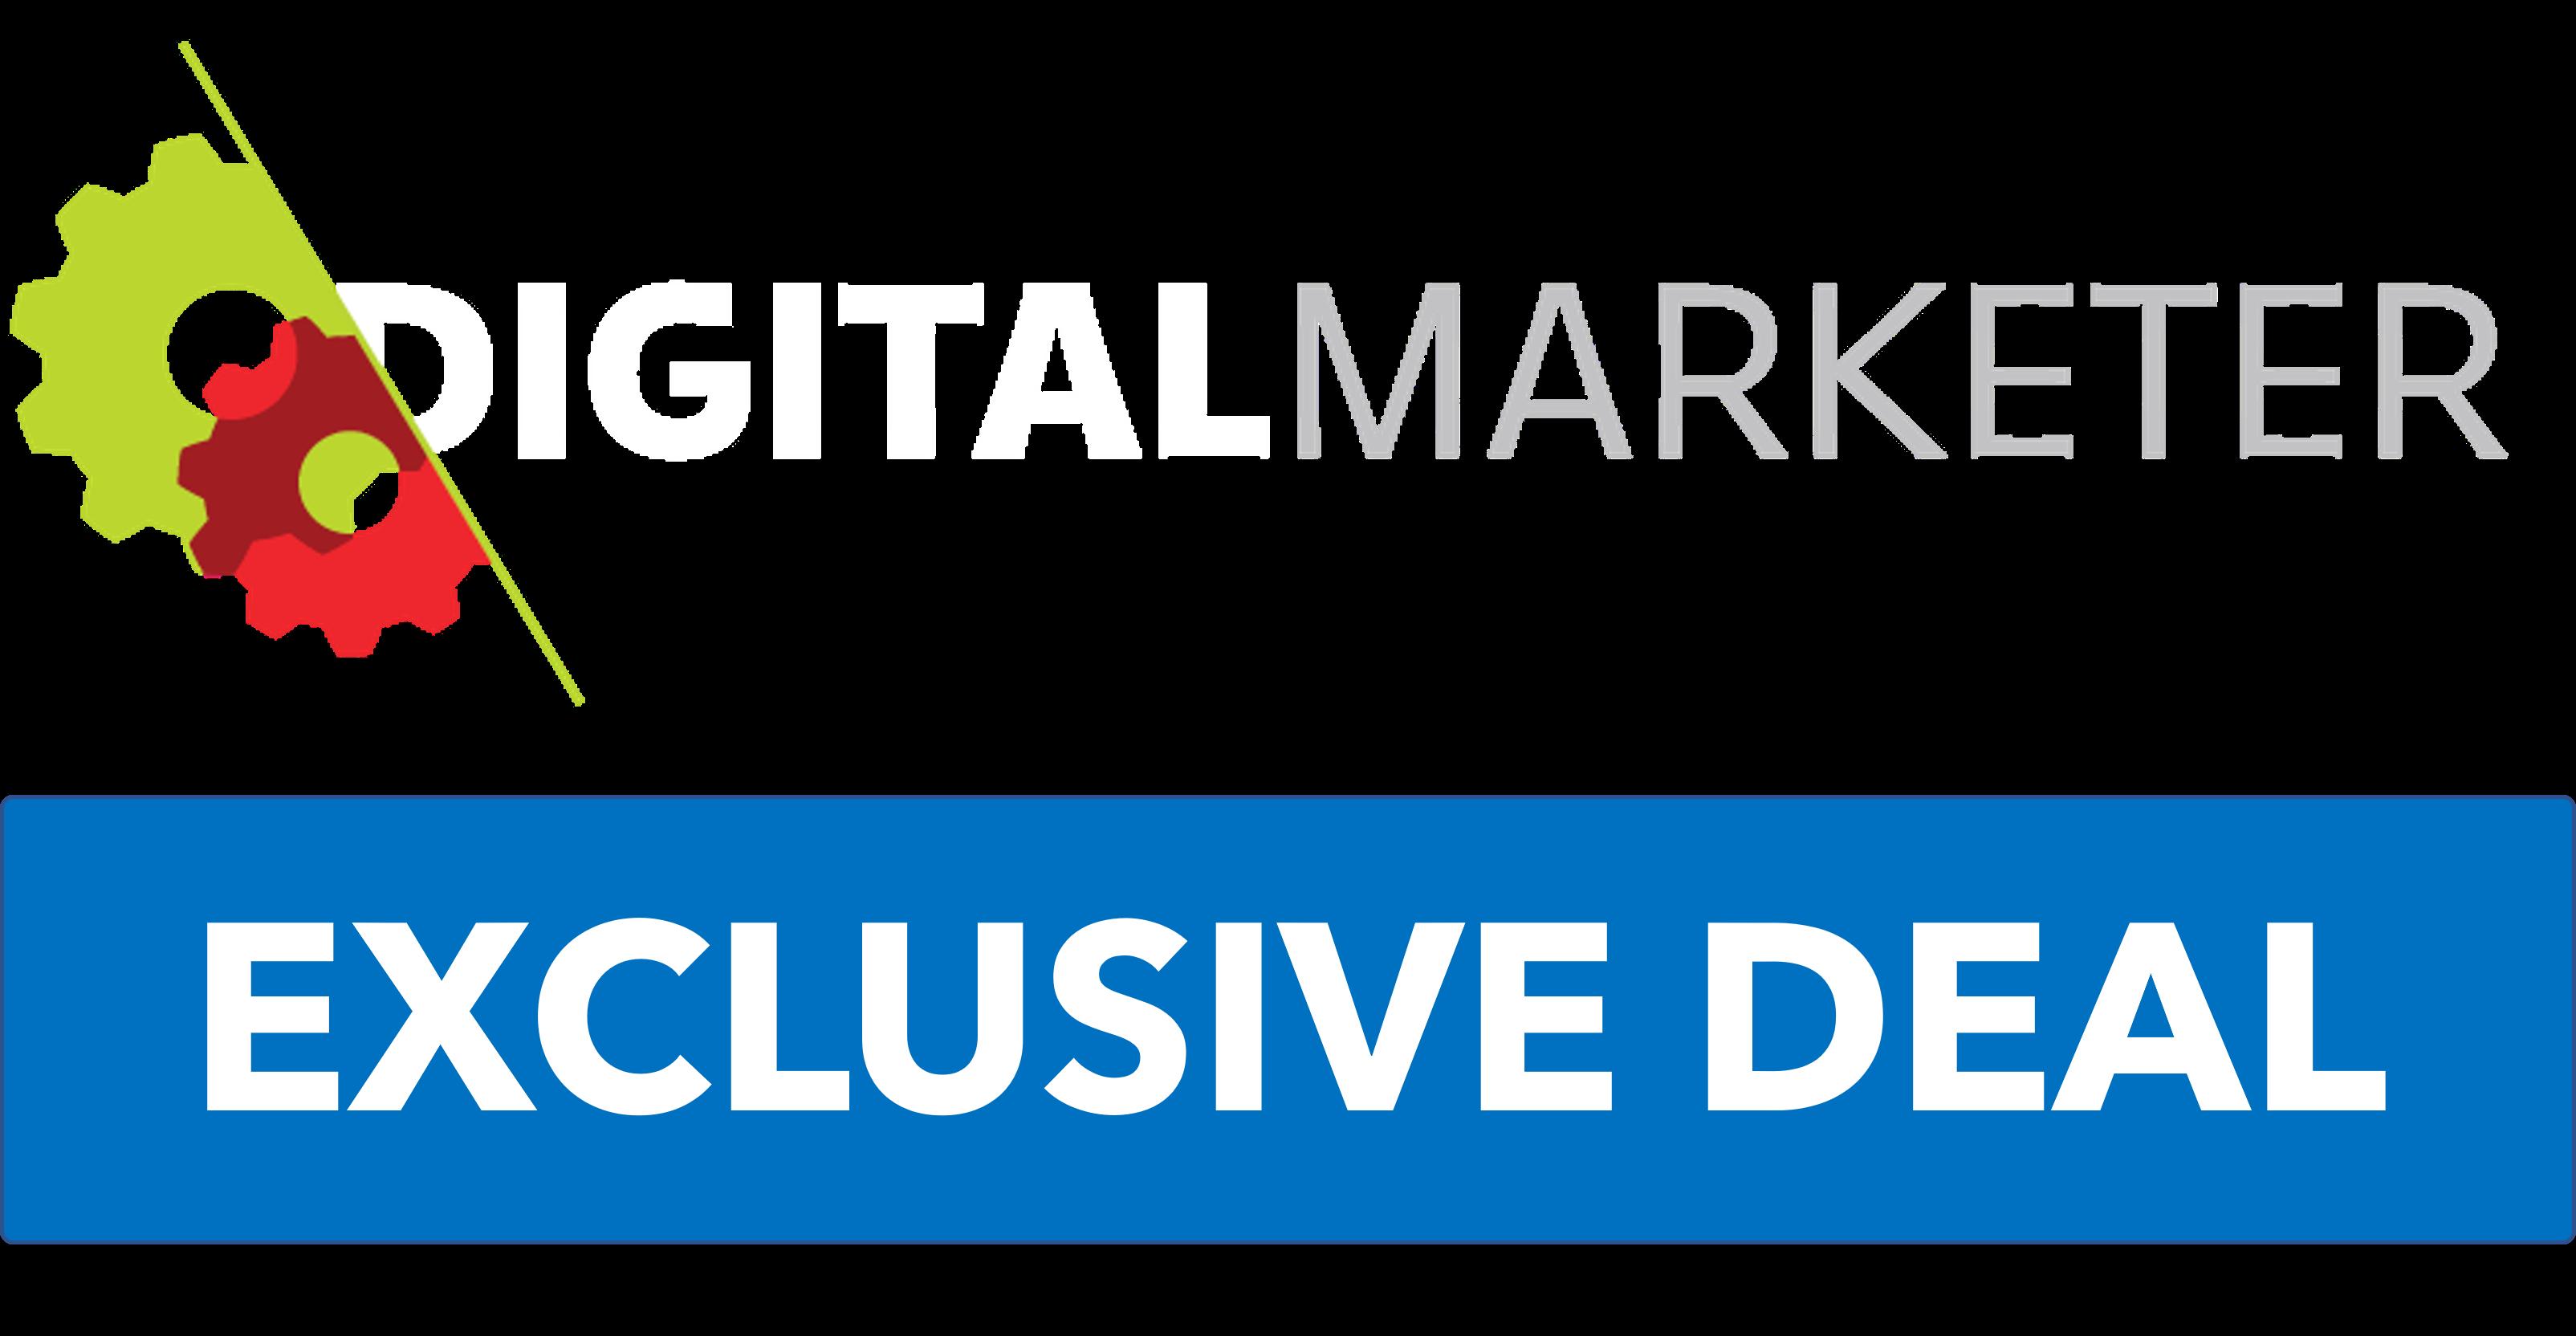 Digital marketer exclusive deal